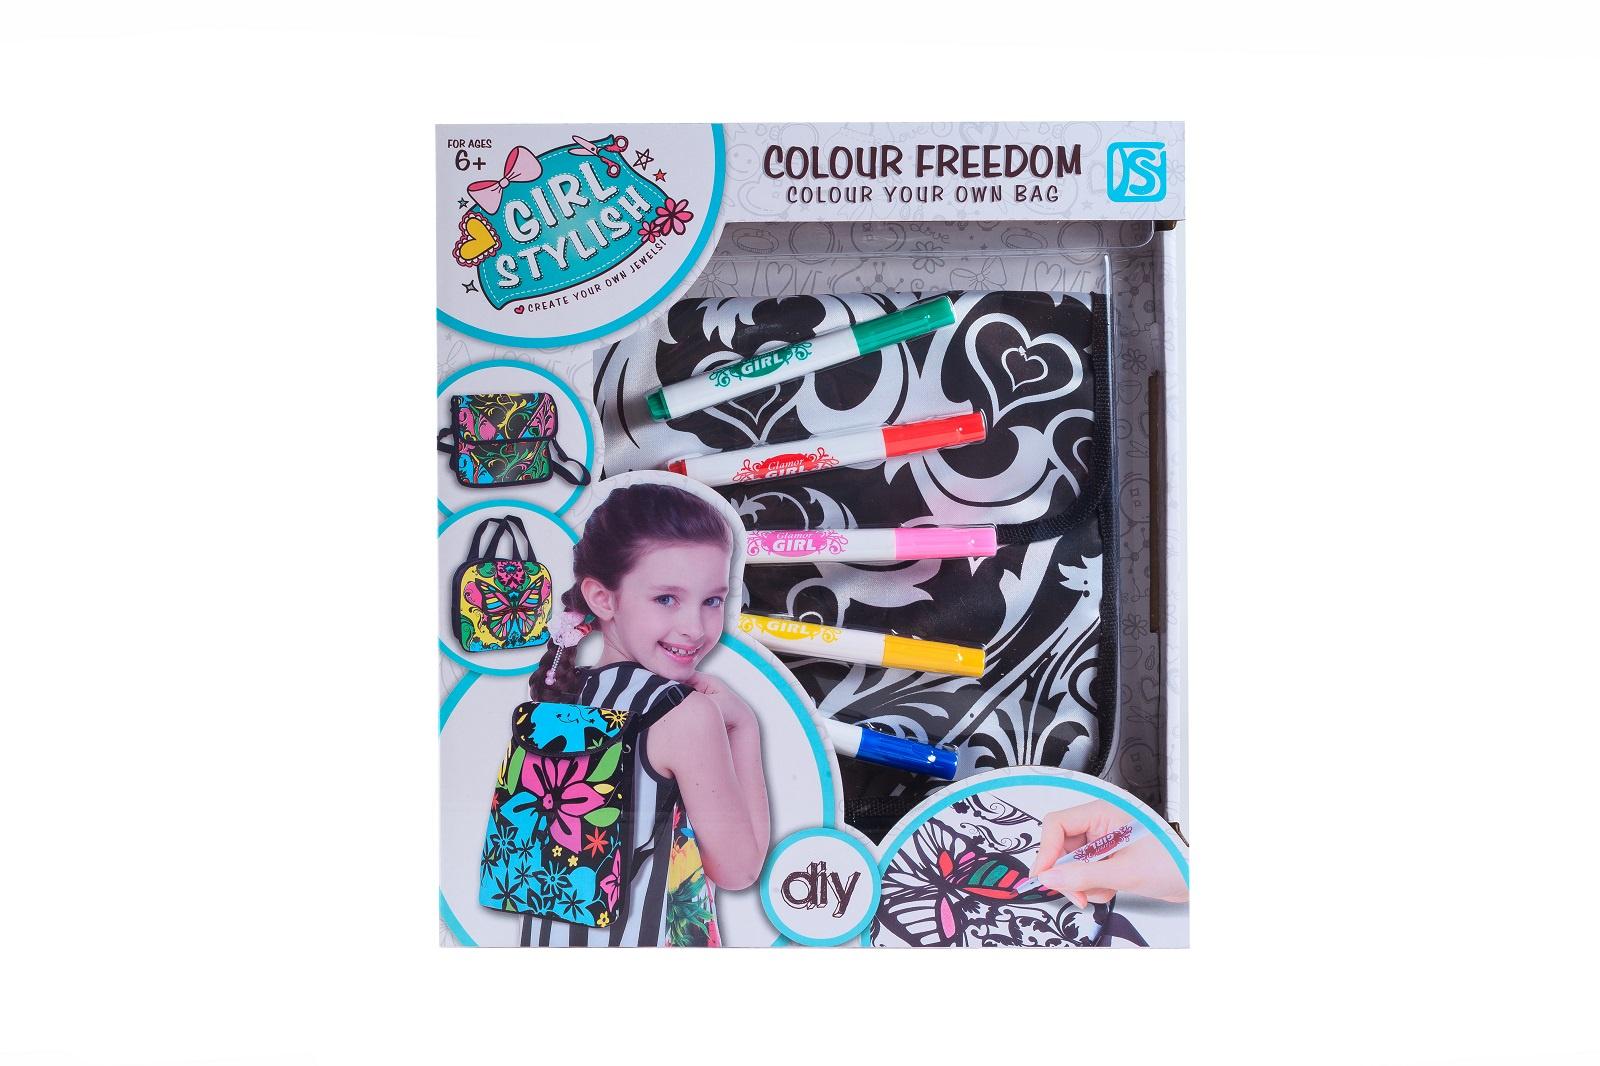 Набор для росписи по ткани S+S Toys рюкзак + 5 фломастеров, 100891959 игровой набор s s toys мельница пингвин eq80019r не разлей вода